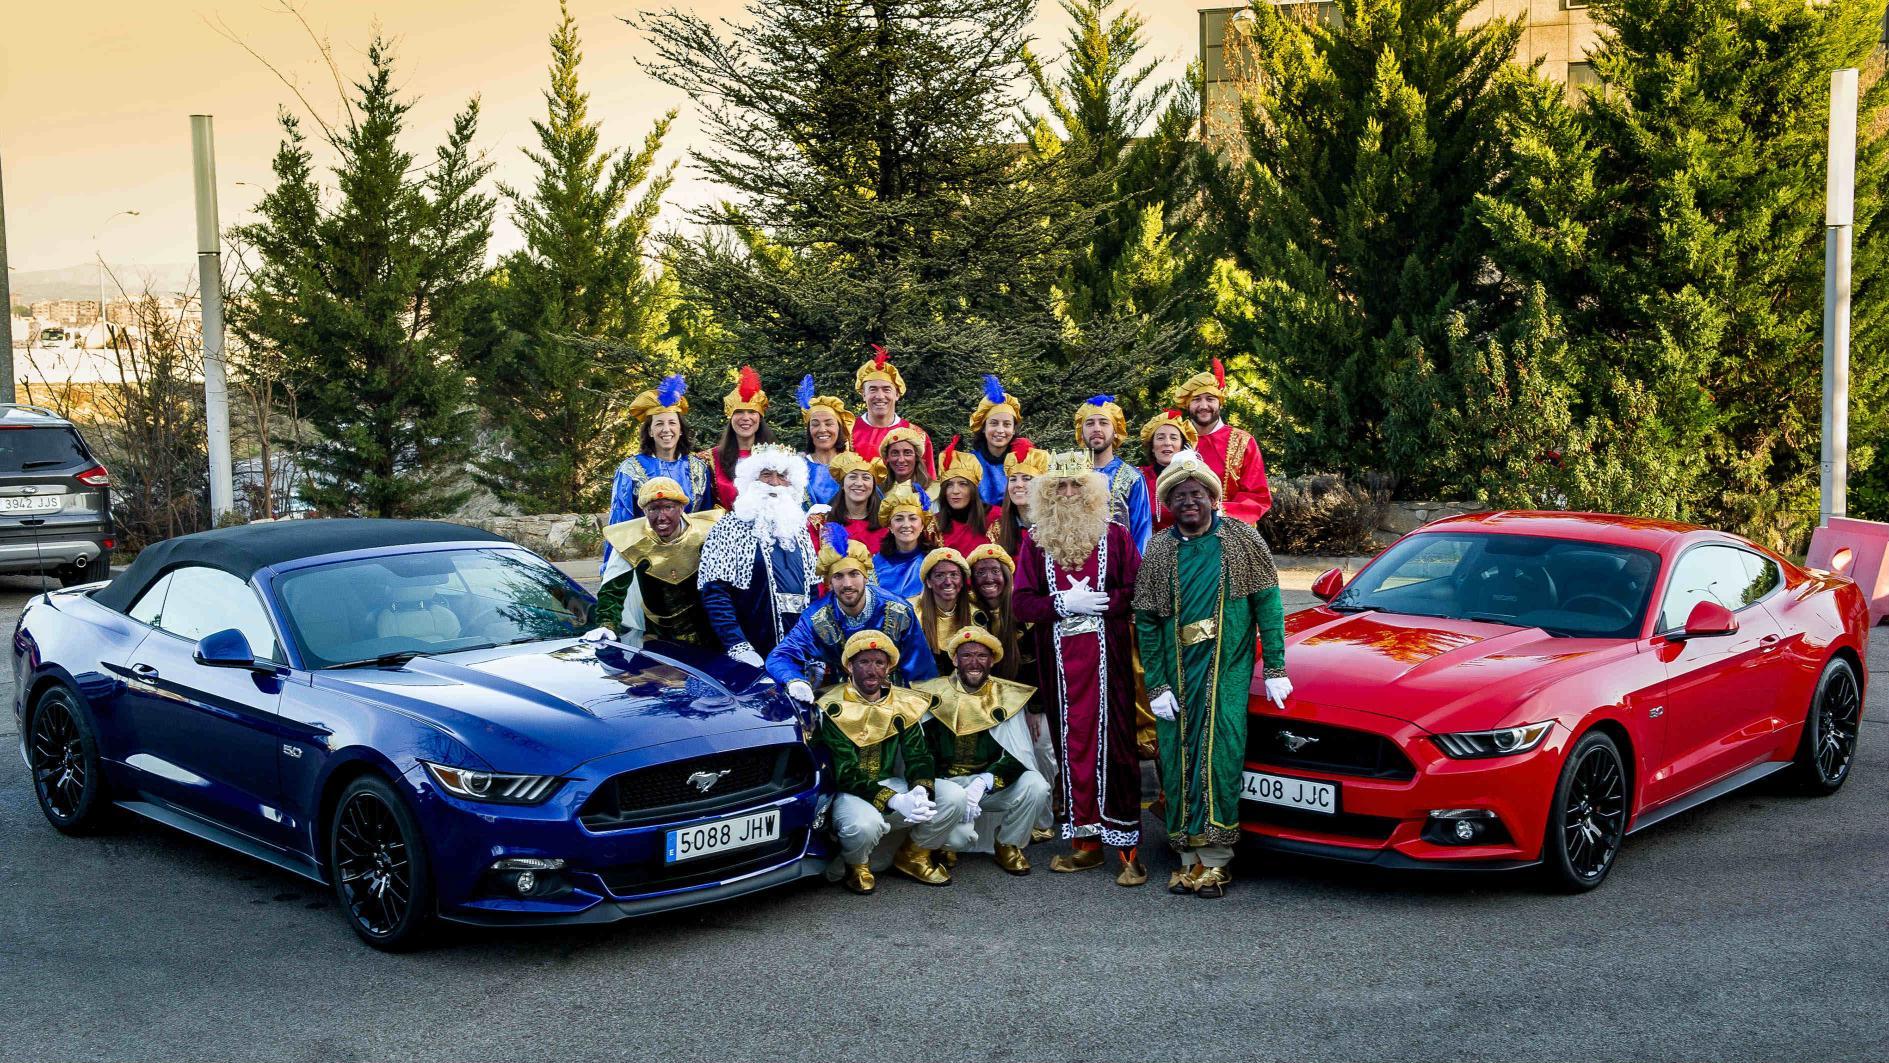 Los Reyes Magos cambian los camellos por el Ford Mustang